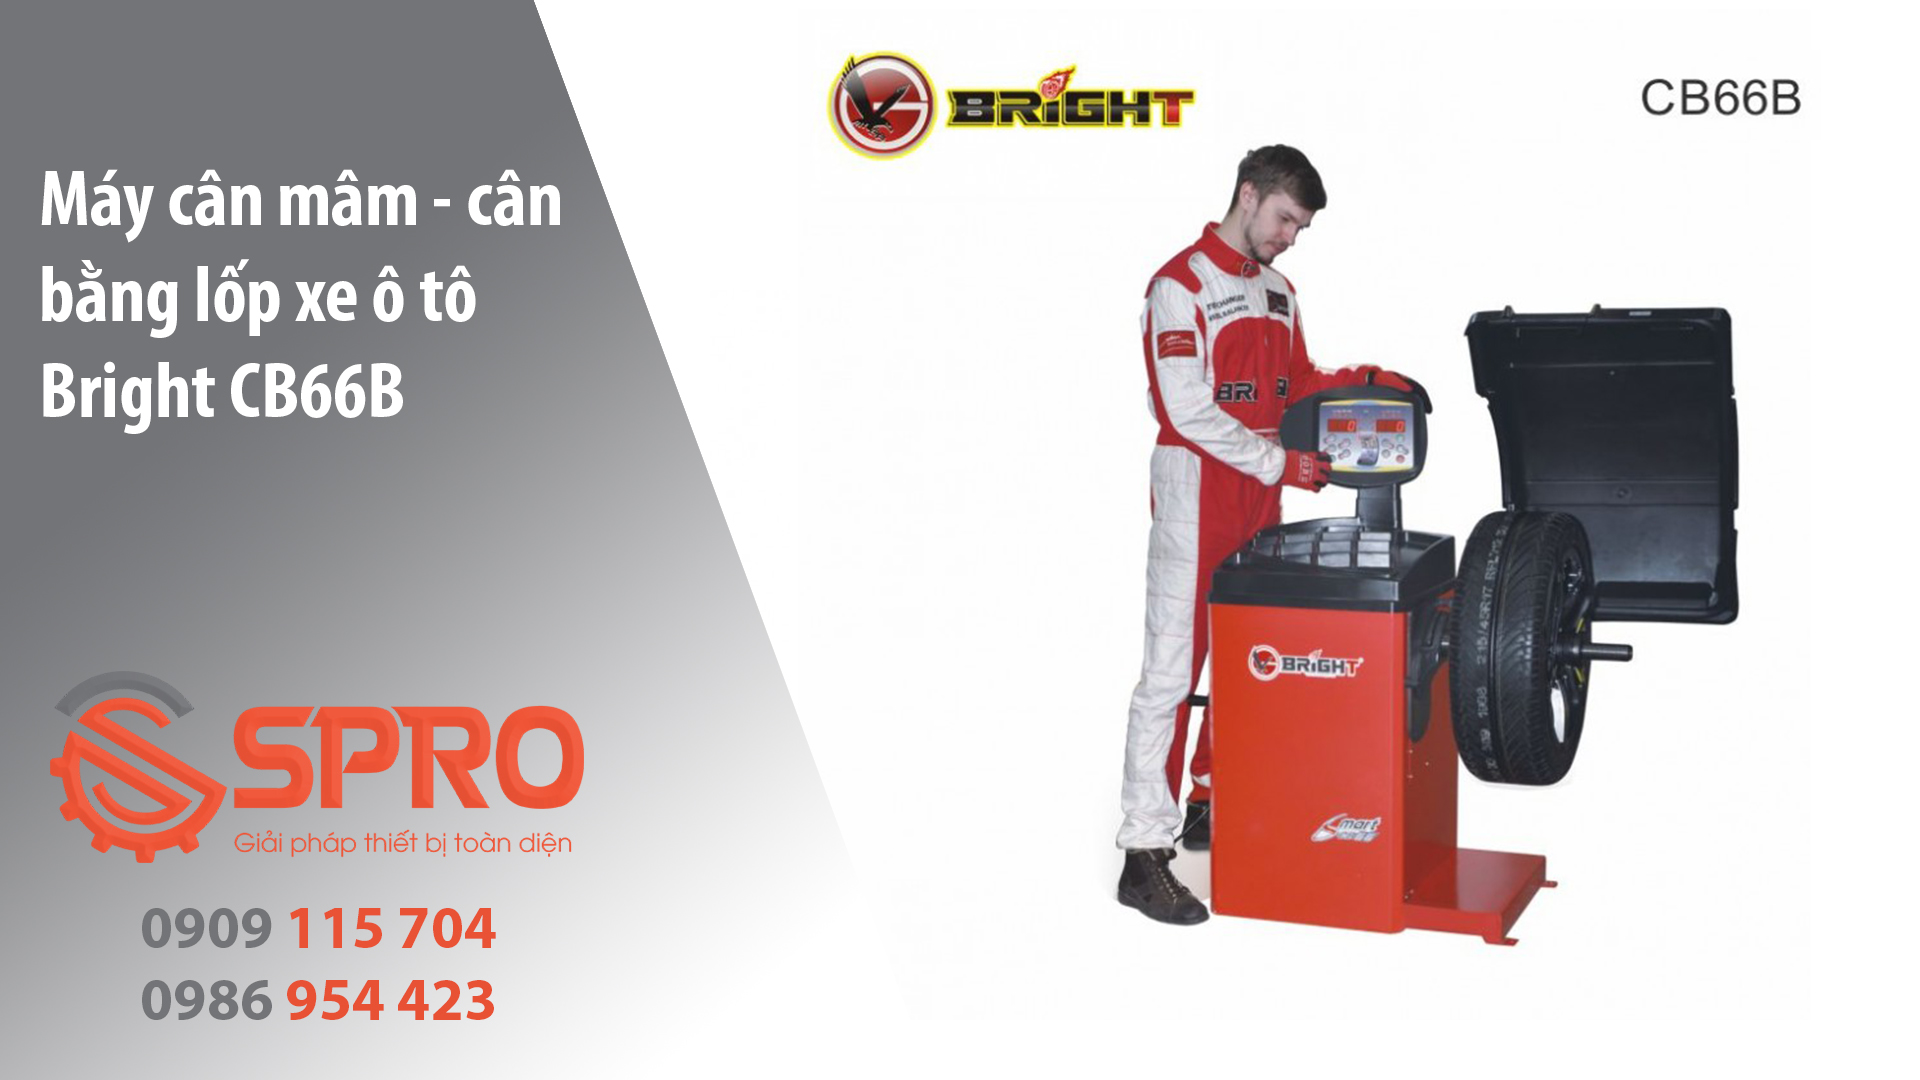 Máy cân mâm, máy cân bằng lốp bánh xe Bright tại HCM